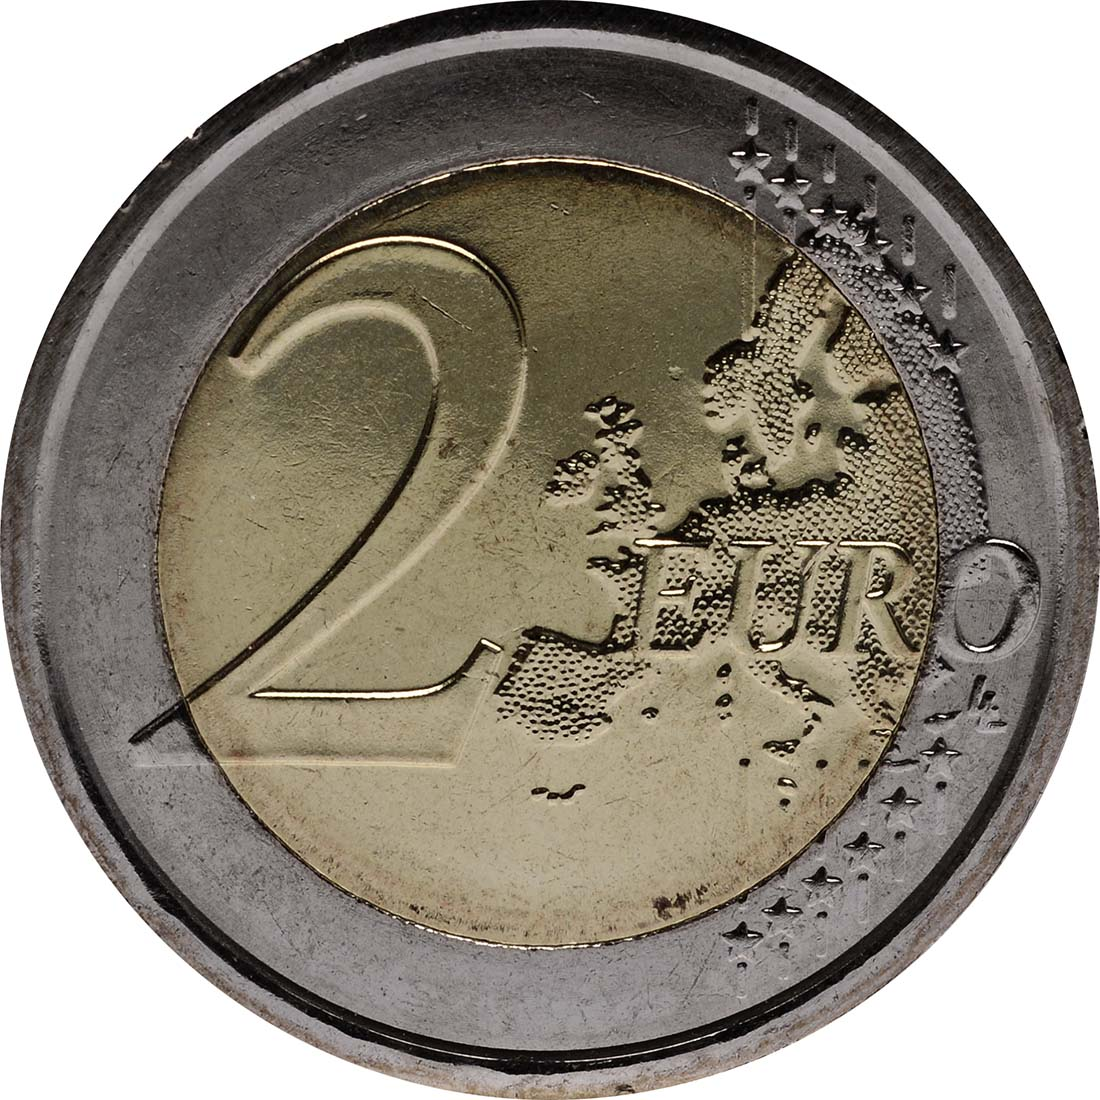 vatikan 2 euro